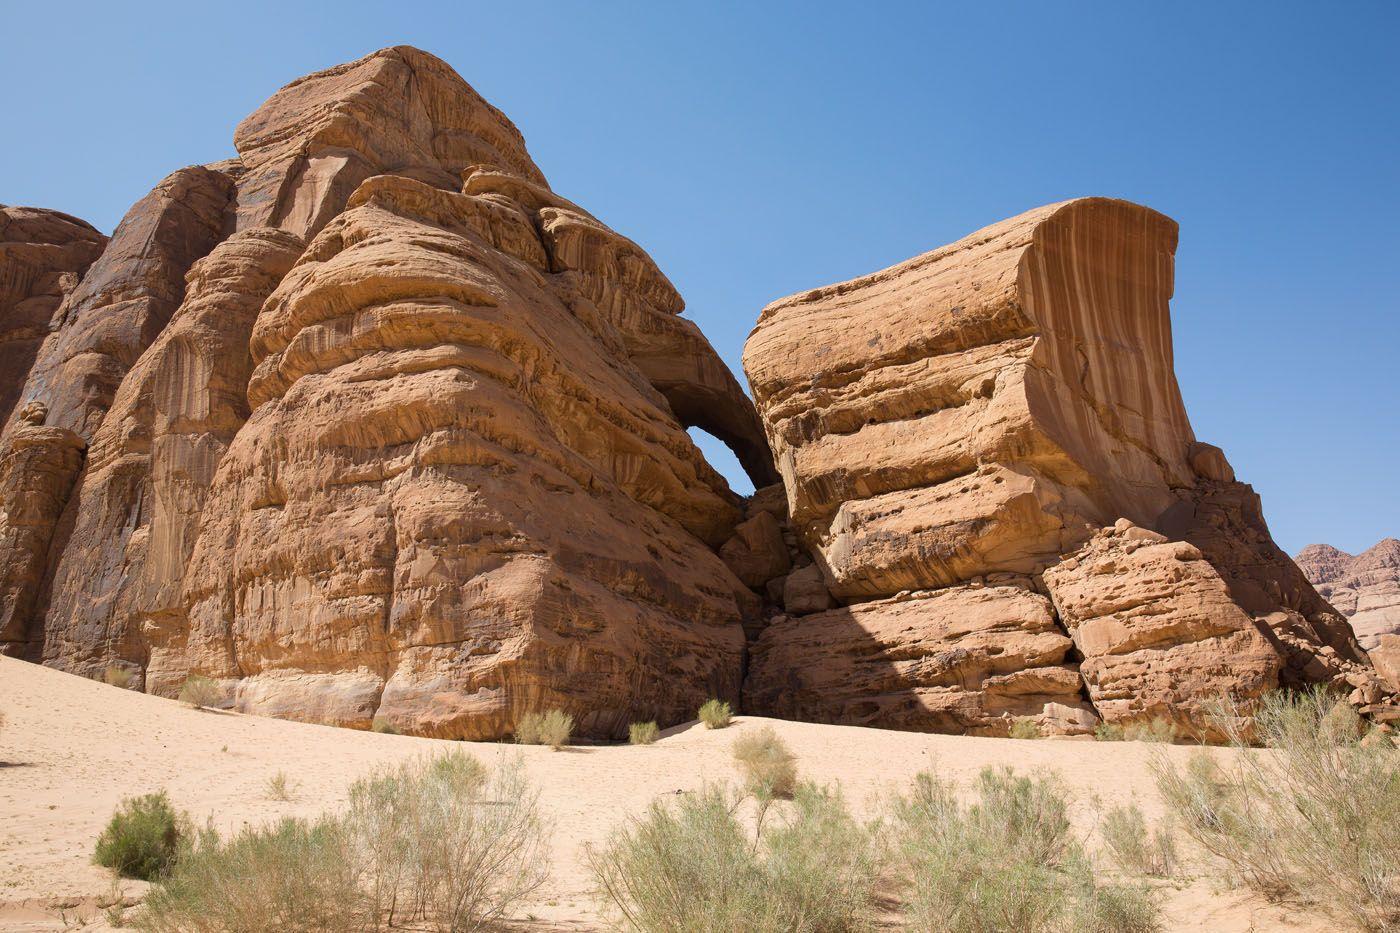 Wadi Rum Arch